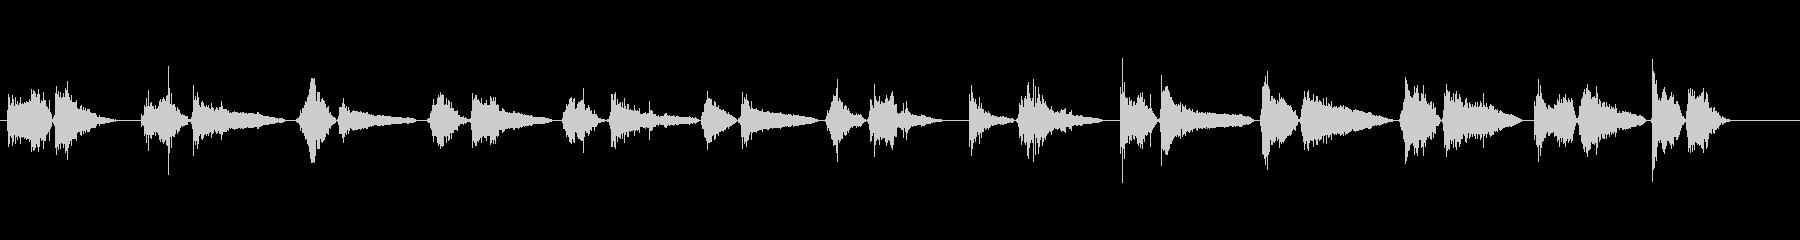 モンスター いびき01の未再生の波形